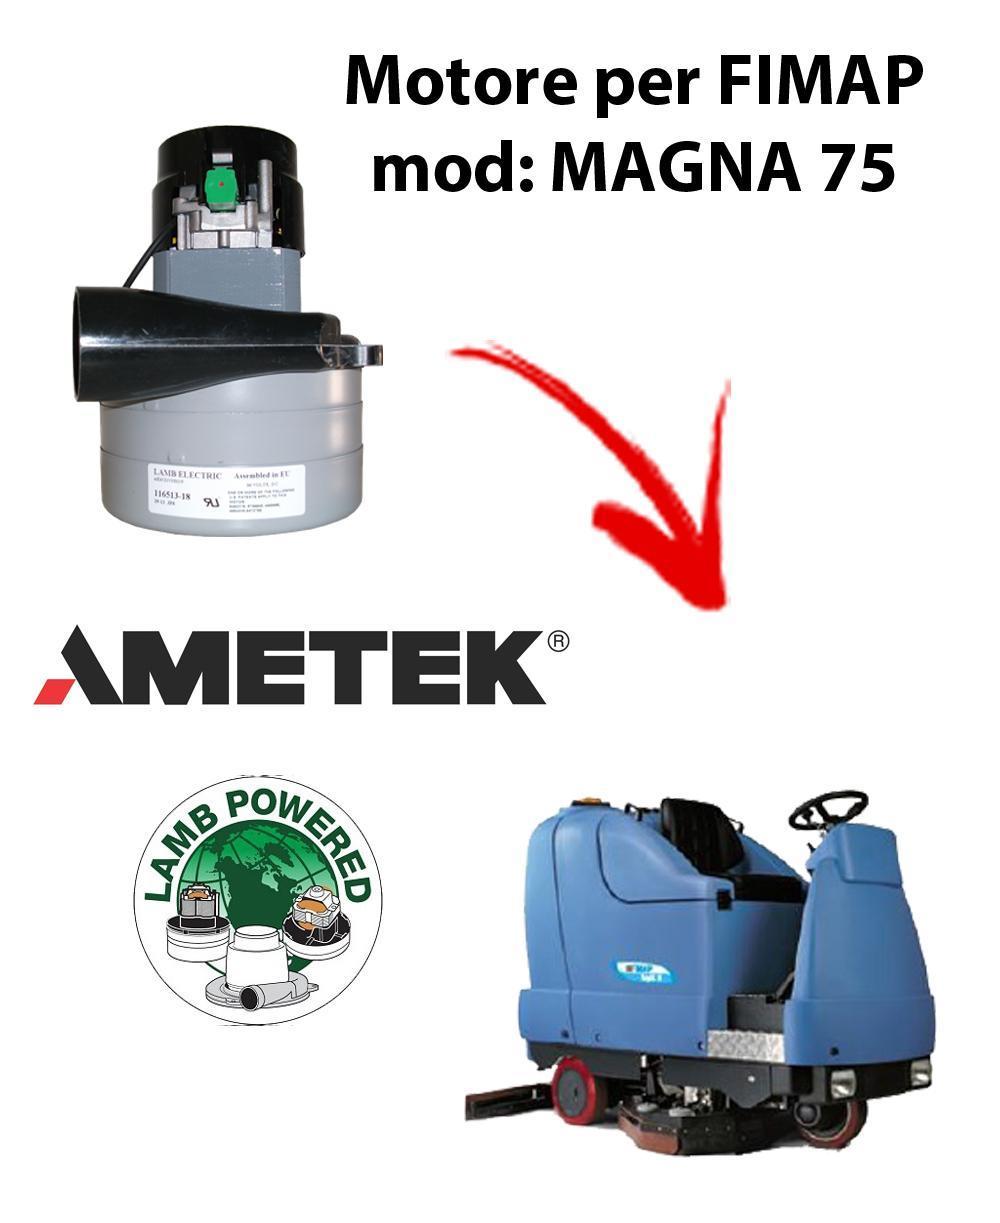 MAGNA 75 Motore de aspiración AMETEK para fregadora Fimap